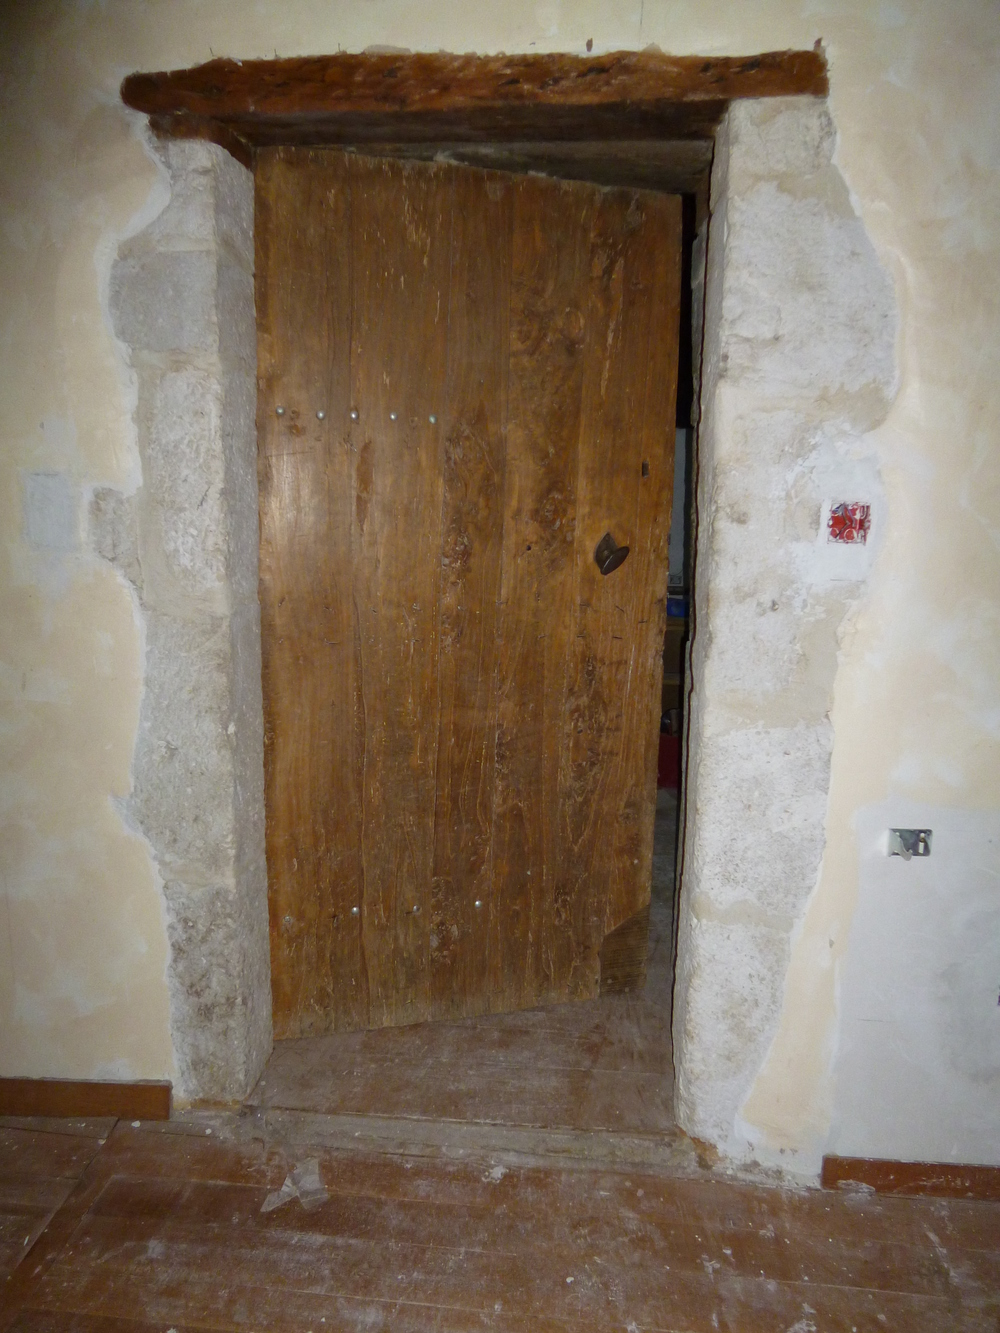 The original door to the salon.